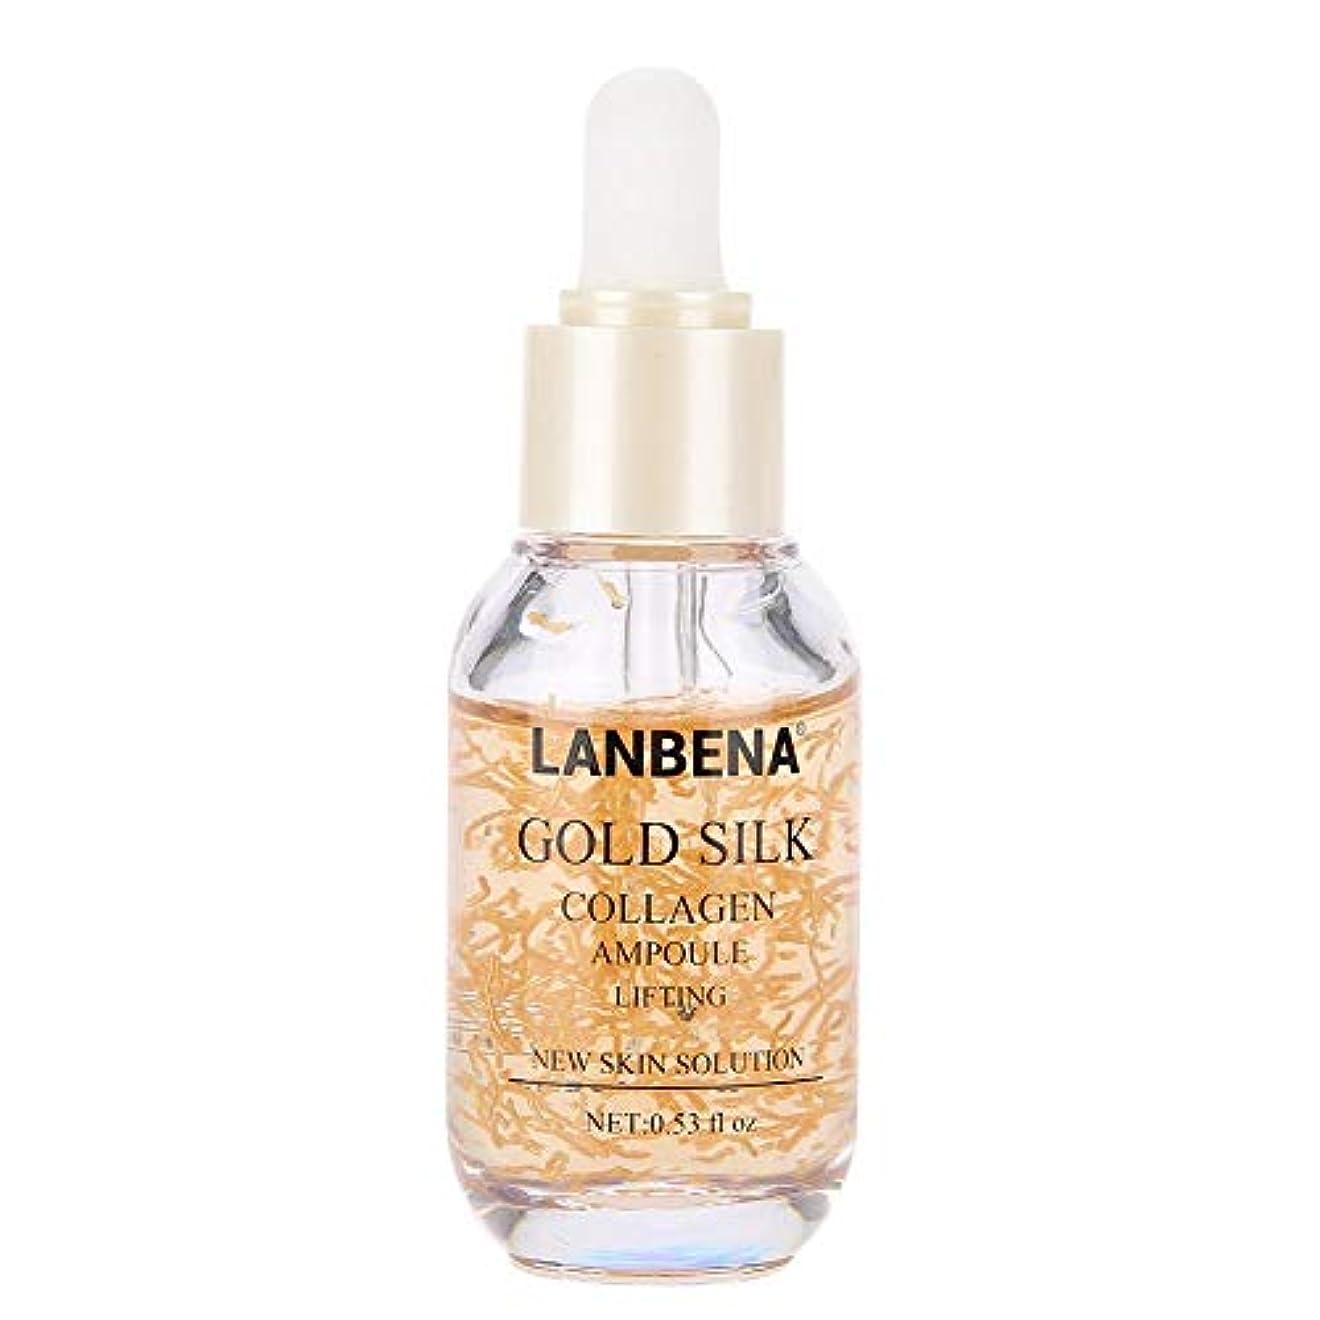 有料自宅で誇張するコラーゲンフェイシャルエッセンス、肌への潤い 修理 保湿 引き締め 肌の輝き ユニセックス スキンケア製品